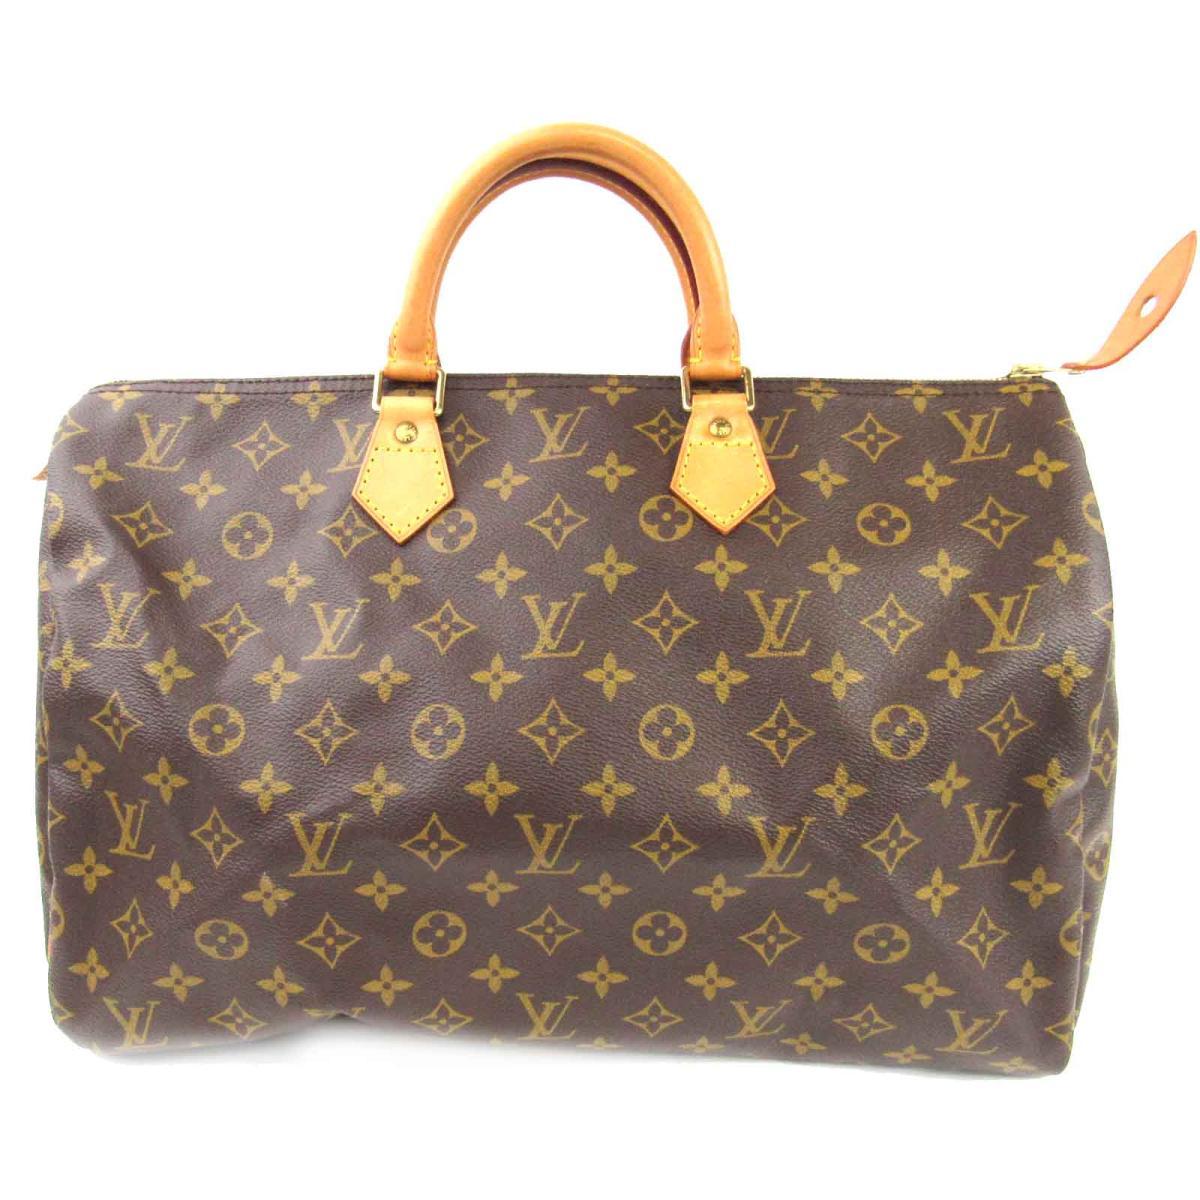 【中古】 ルイヴィトン スピーディ40 ハンドバッグ メンズ レディース モノグラム (M41522) | LOUIS VUITTON ヴィトン ビトン ルイ・ヴィトン ハンドバック バッグ バック BAG 鞄 カバン ブランドバッグ ブランドバック 美品 ブランドオフ